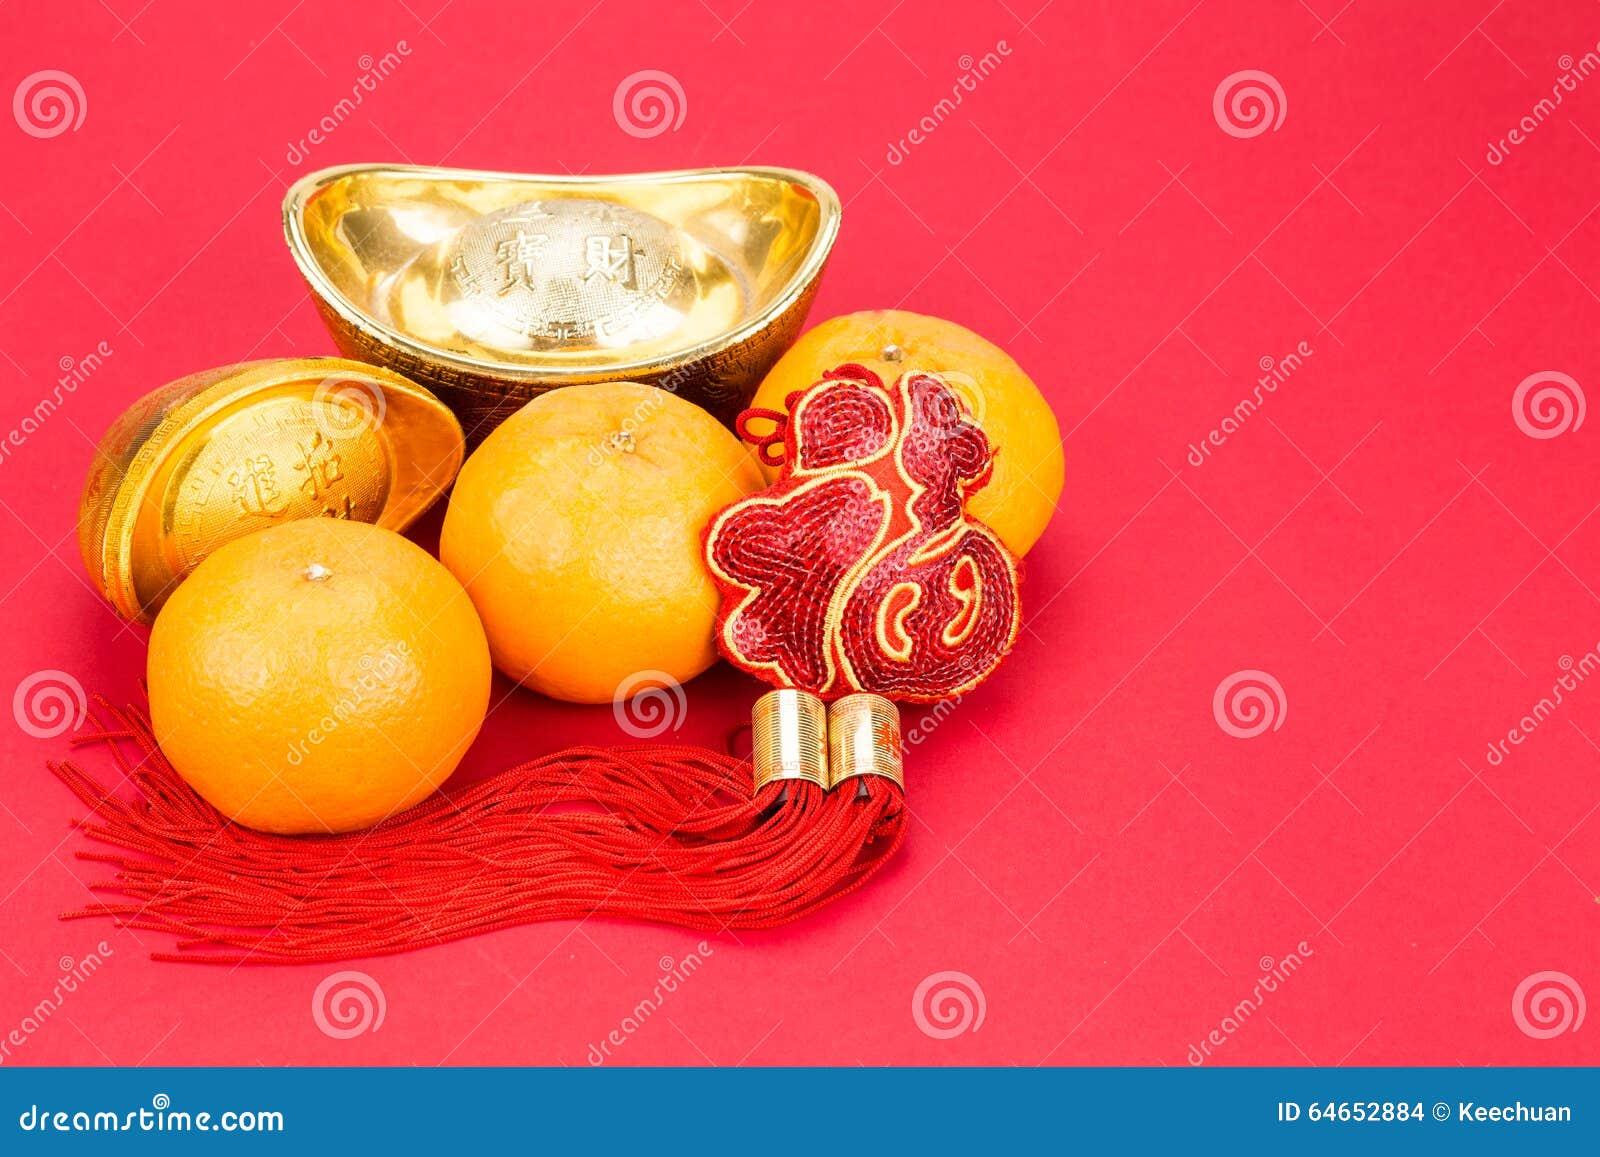 Mandarinen, Goldnuggets, Rote Pakete, Chinesisches Gutes Glück C ...